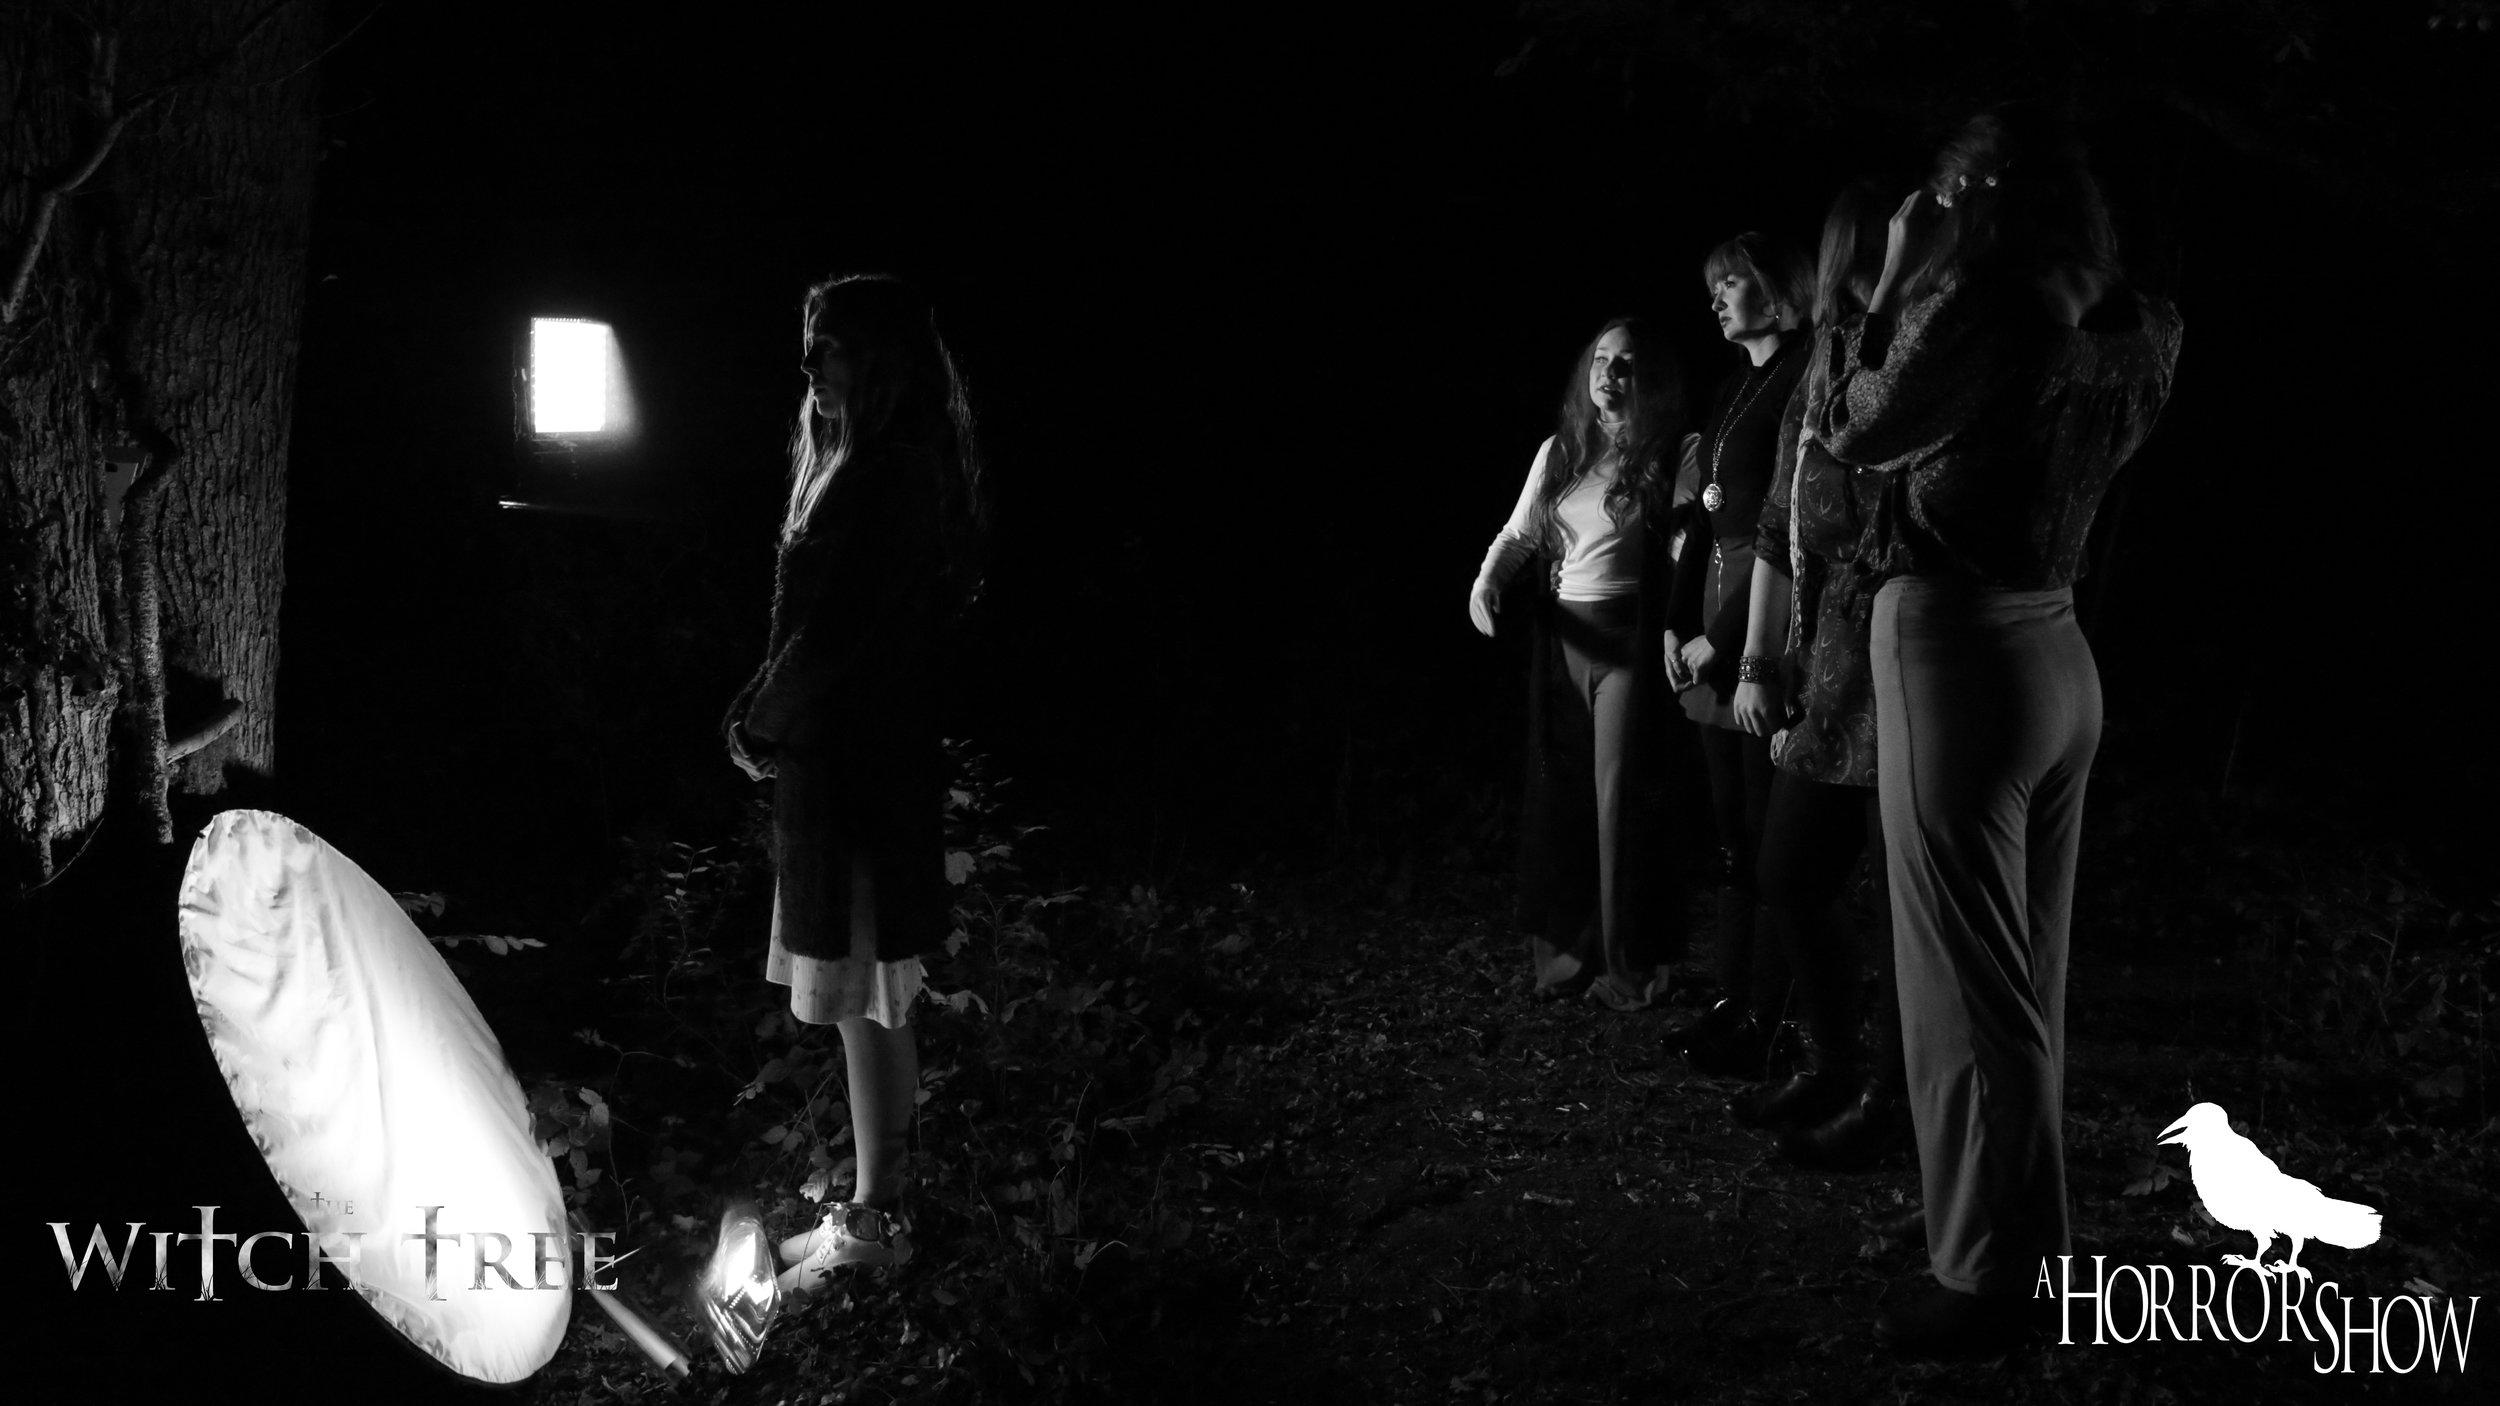 THE WITCH TREE BTS STILLS_041.JPG